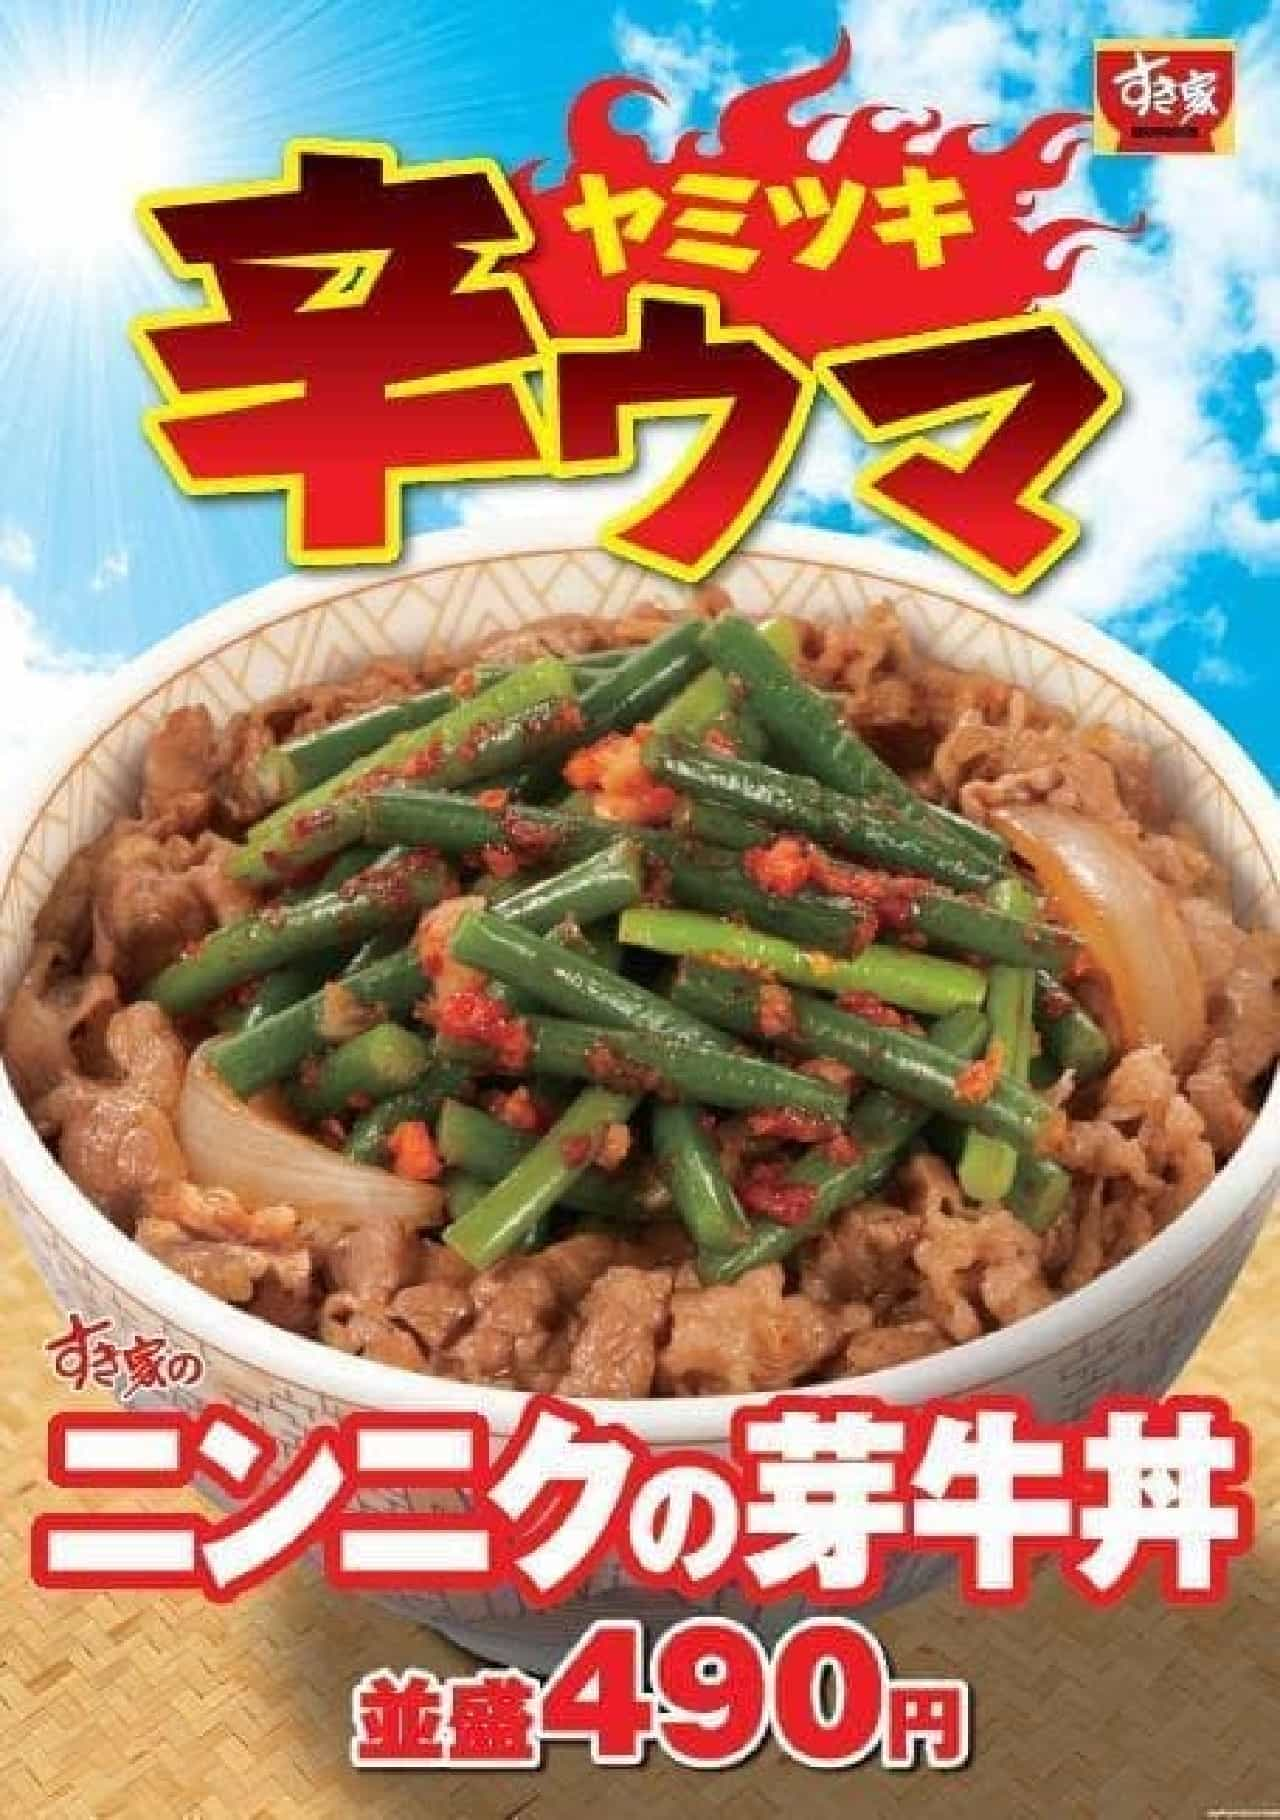 すき家「ニンニクの芽牛丼」